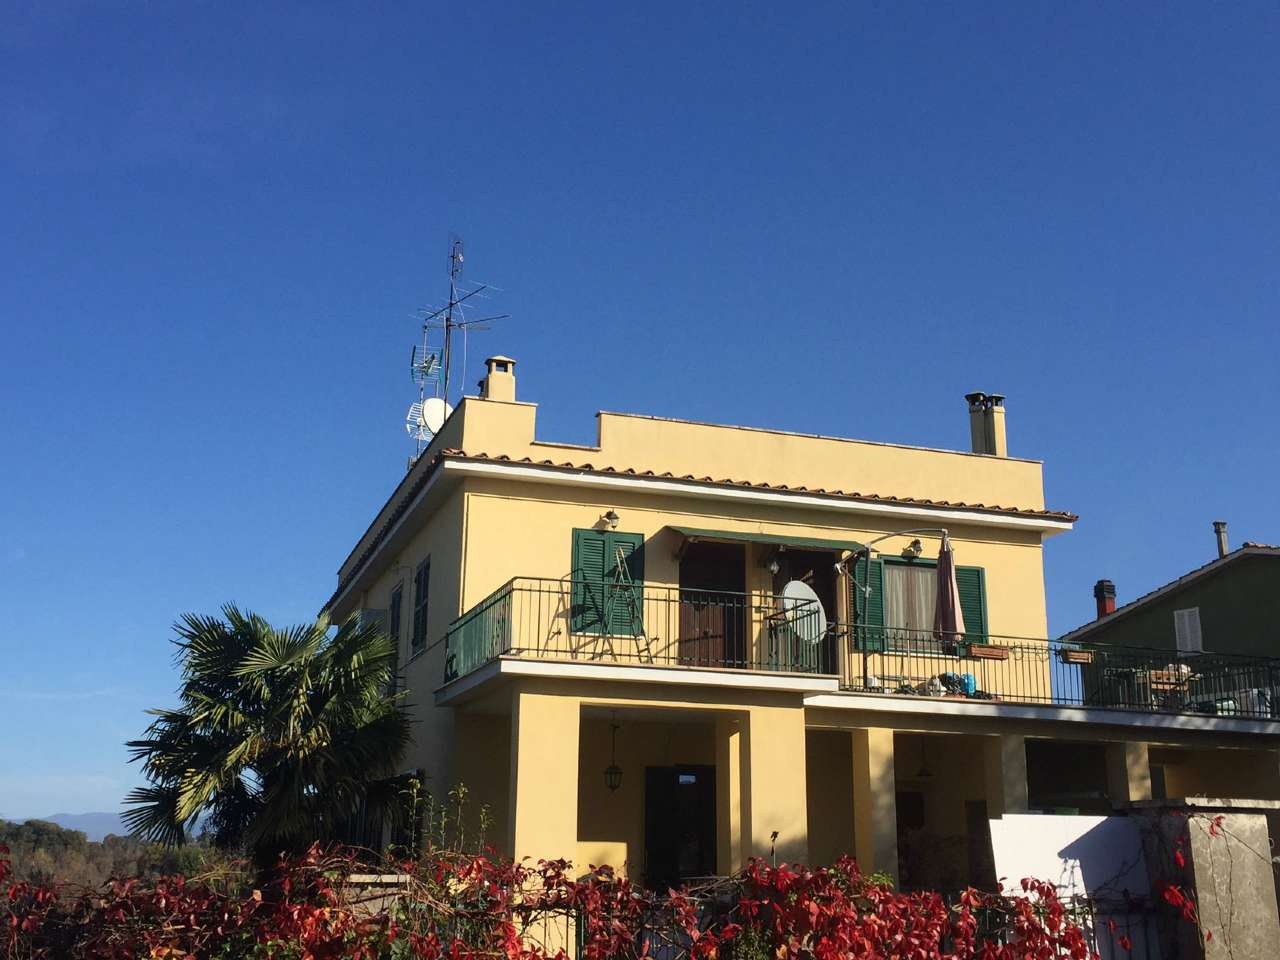 Appartamento in vendita a Civitella San Paolo, 3 locali, prezzo € 65.000 | CambioCasa.it